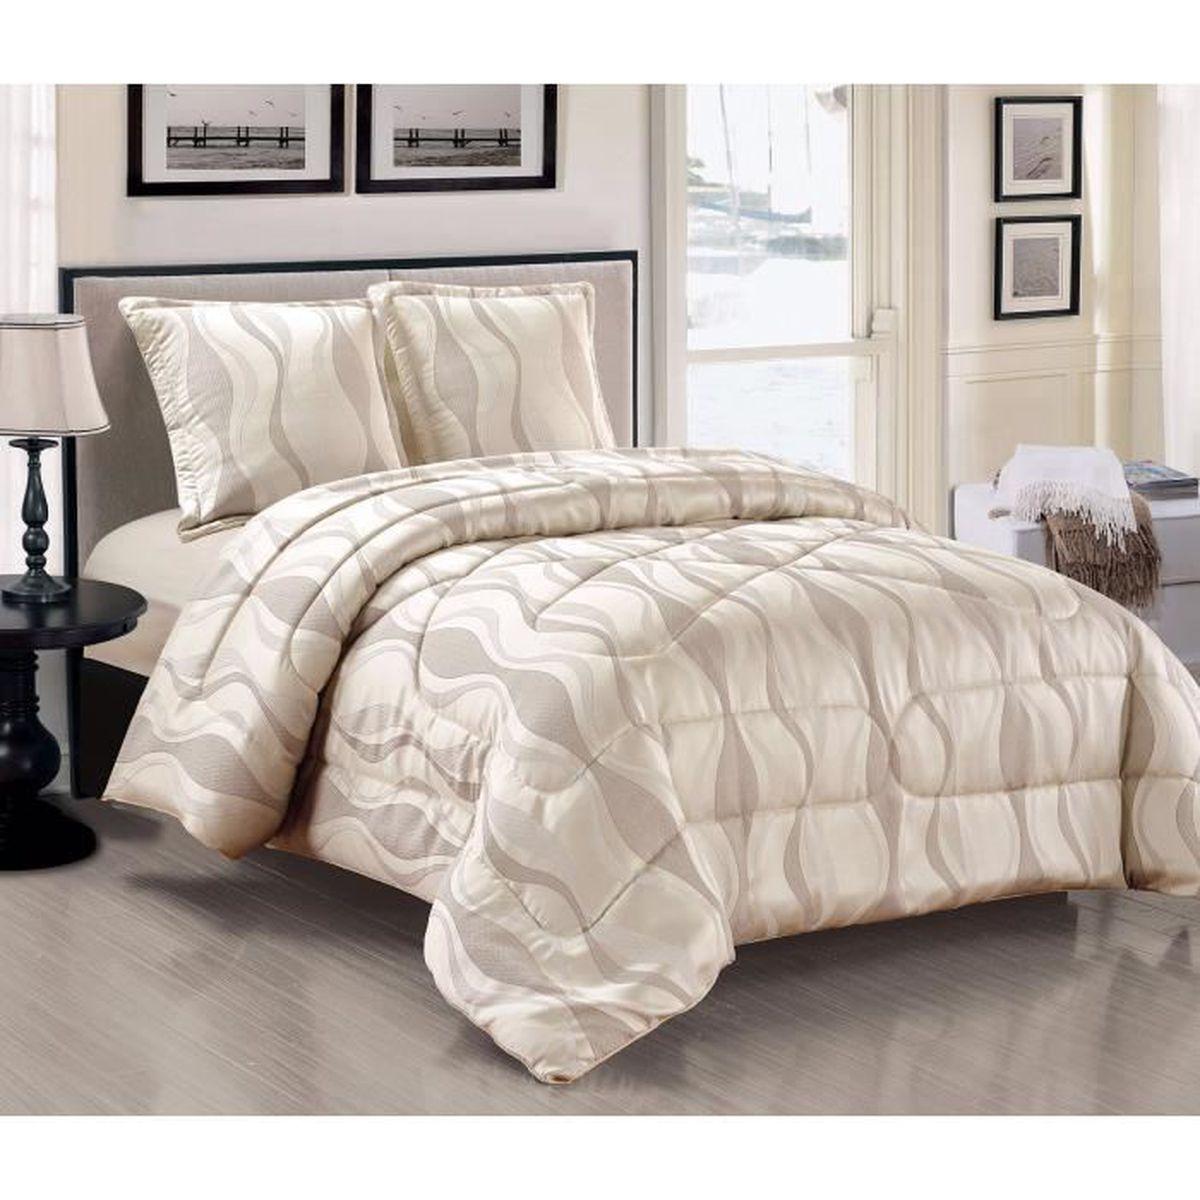 couvre-lit boutis 230x250 cm +2 taie d'oreiller matelas - achat